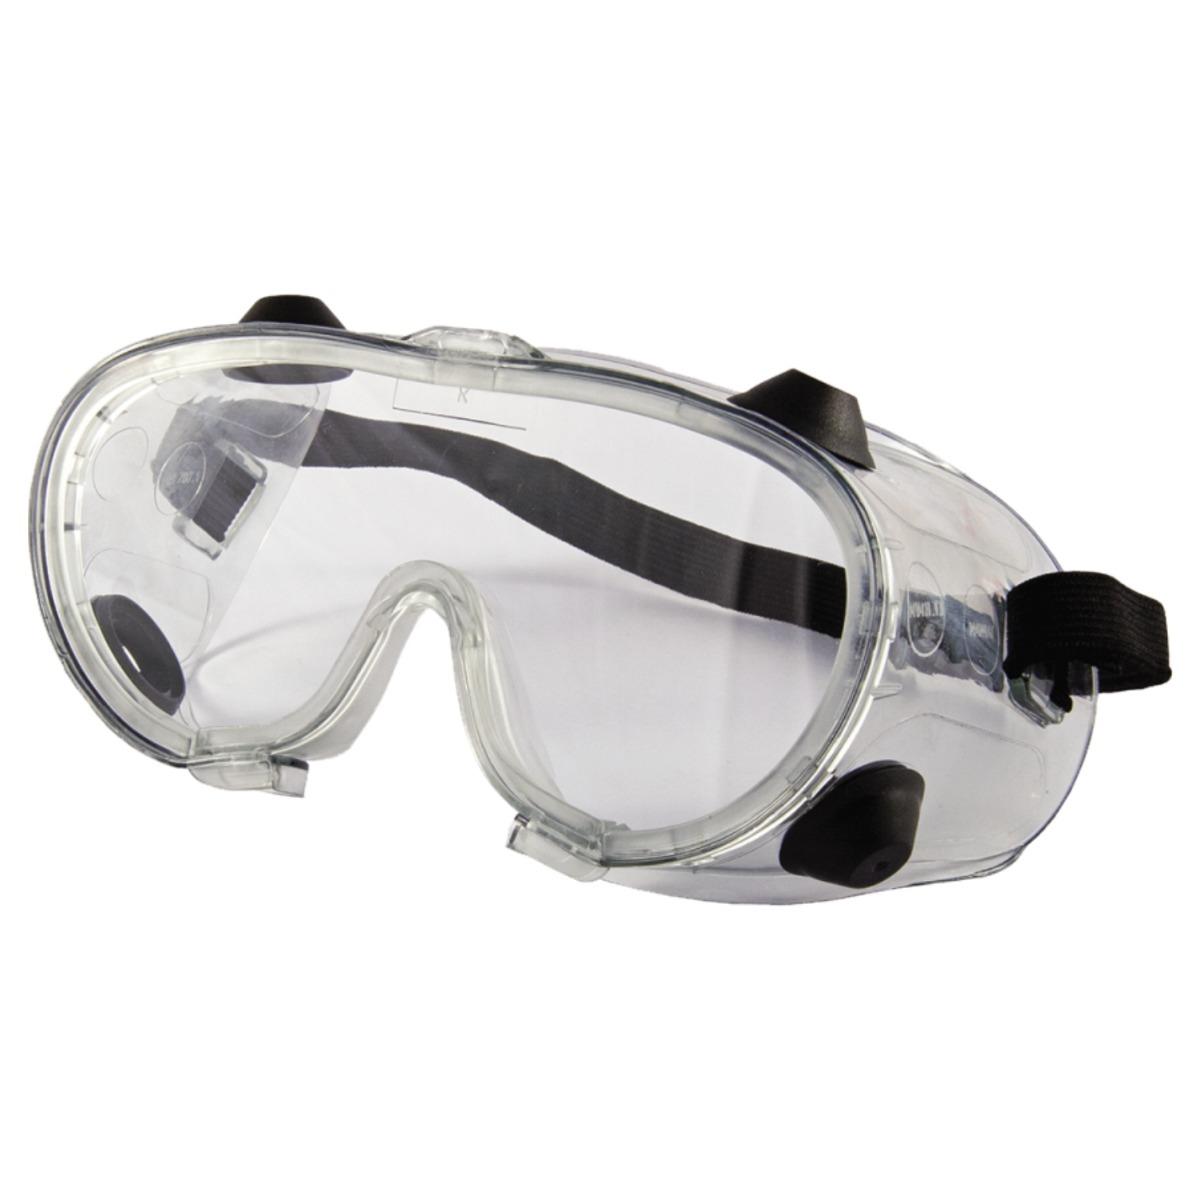 Oculos Ra Com Valvula Pintura Formol Elástico Unidade - R  19,00 em ... 20e5687988